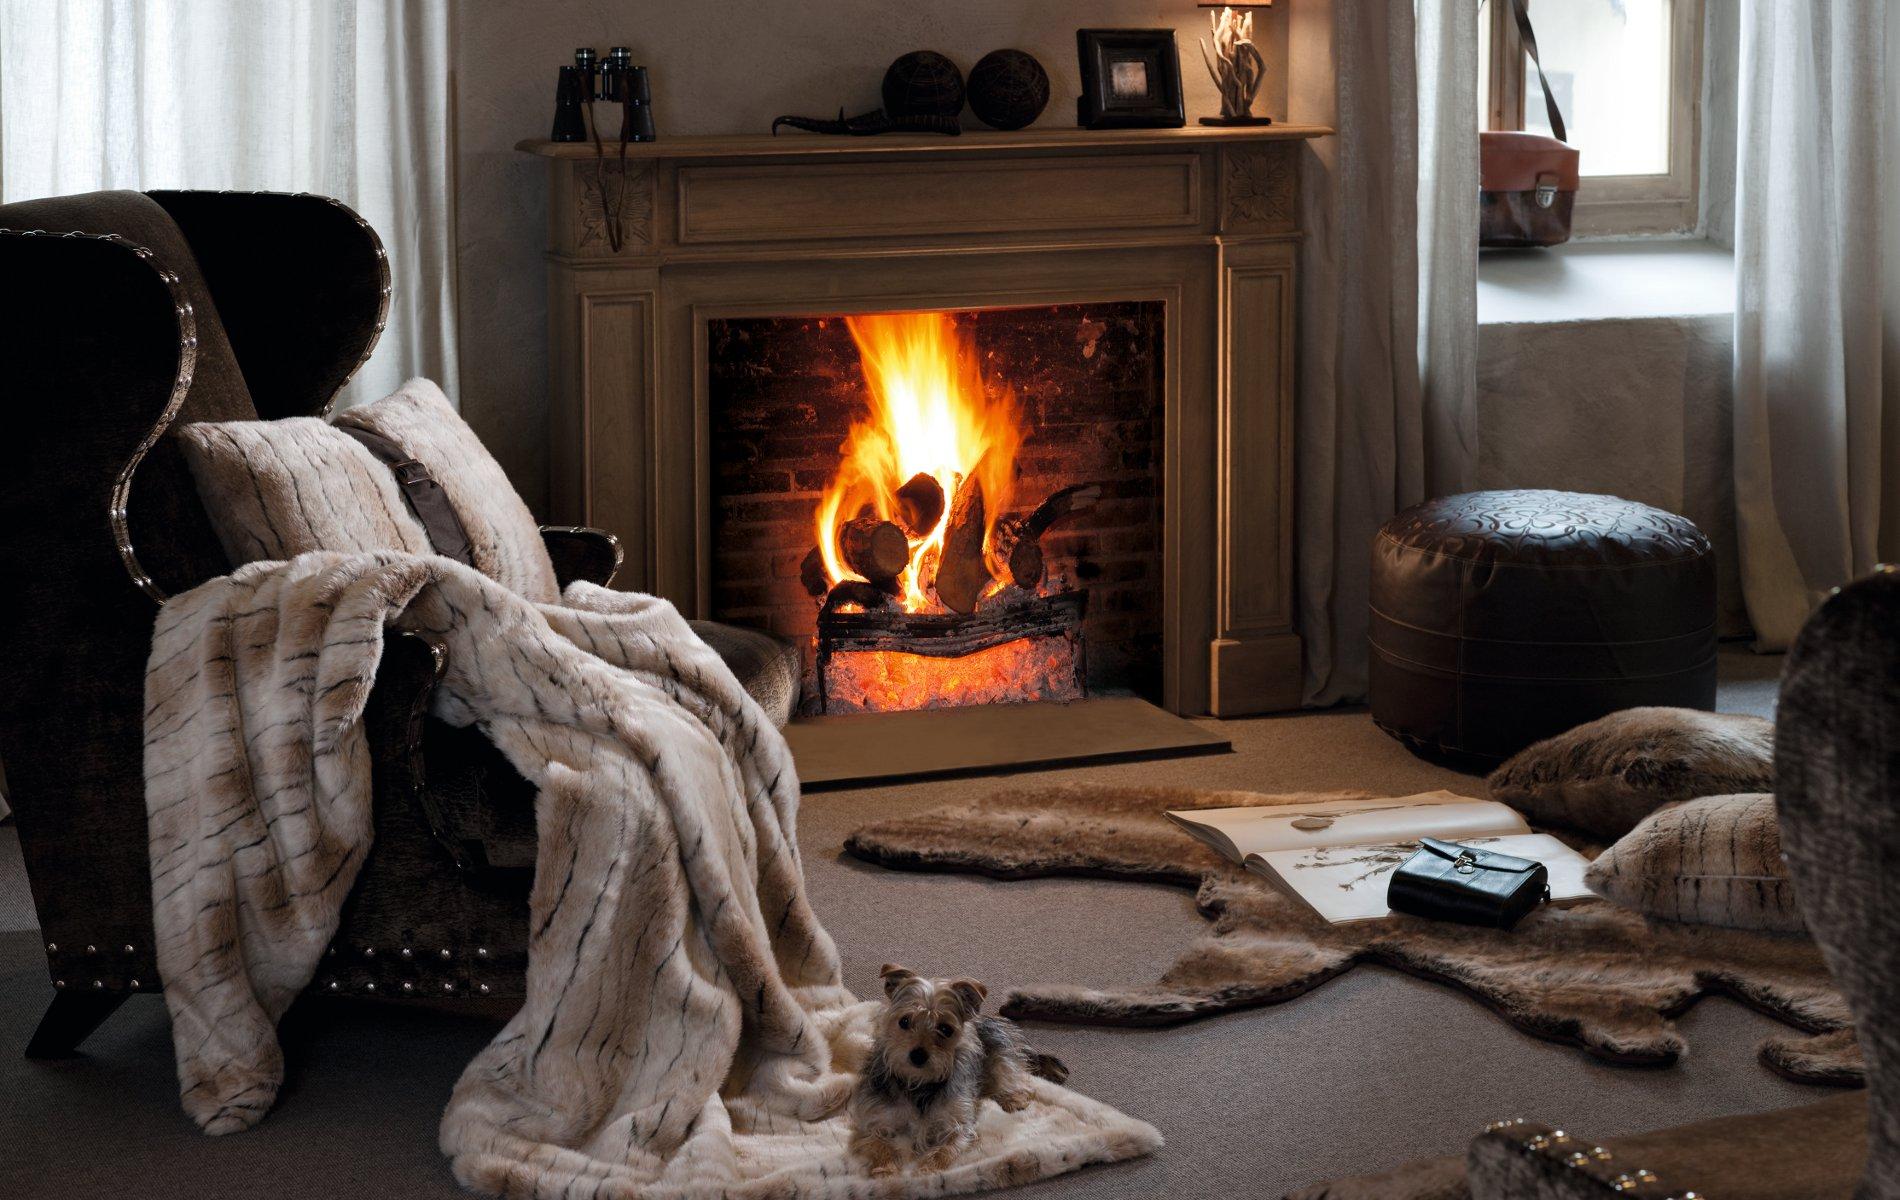 Гиф, картинки домашнего тепла и уюта